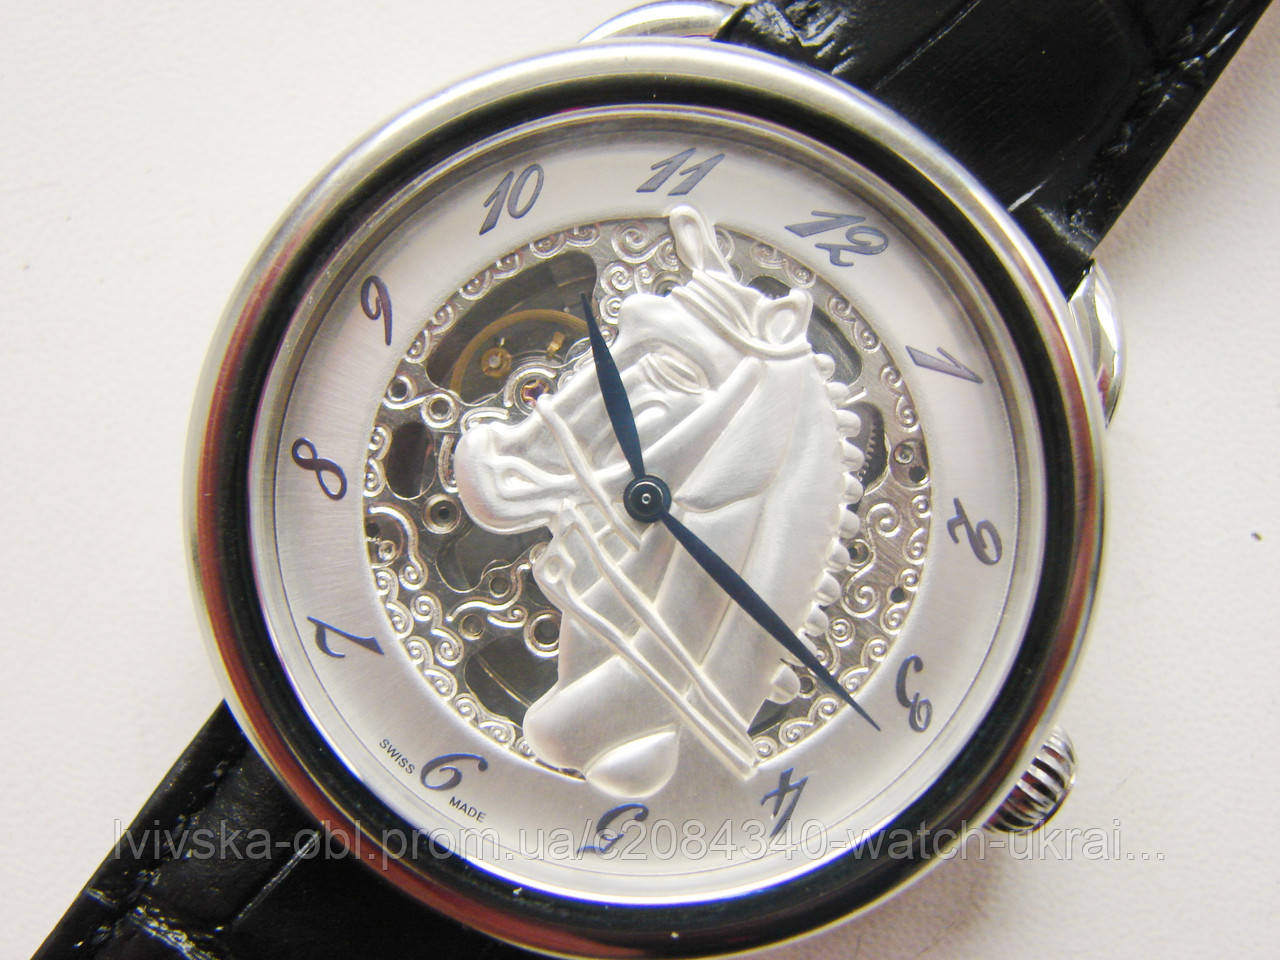 2ea92274 Купить Часы Hermes Paris механика.кл.ААА по лучшей цене в интернет ...